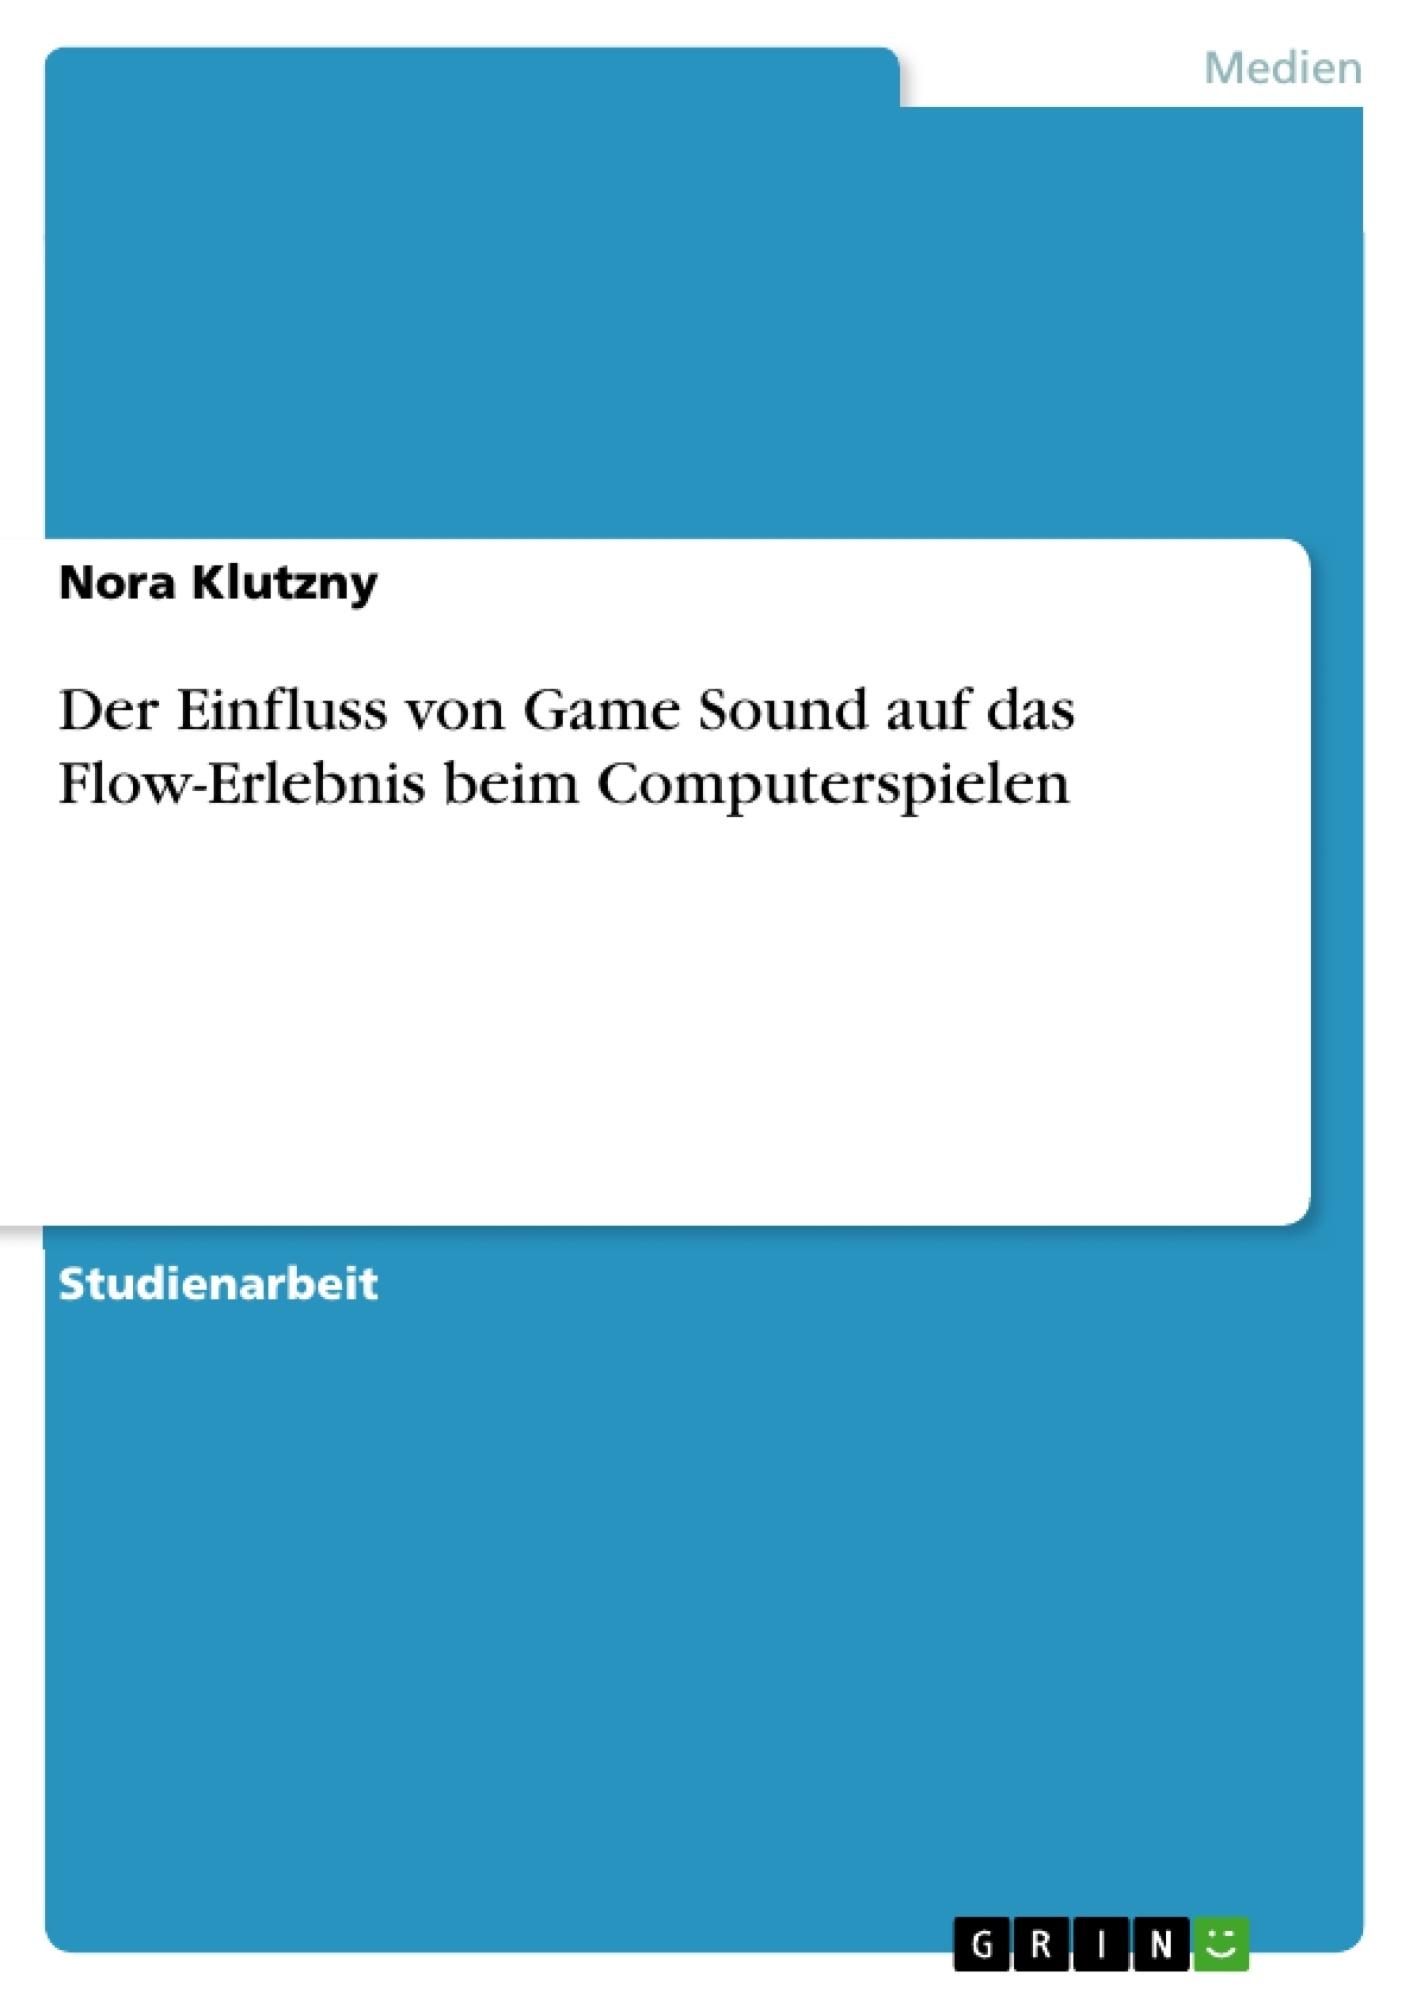 Titel: Der Einfluss von Game Sound auf das Flow-Erlebnis beim Computerspielen